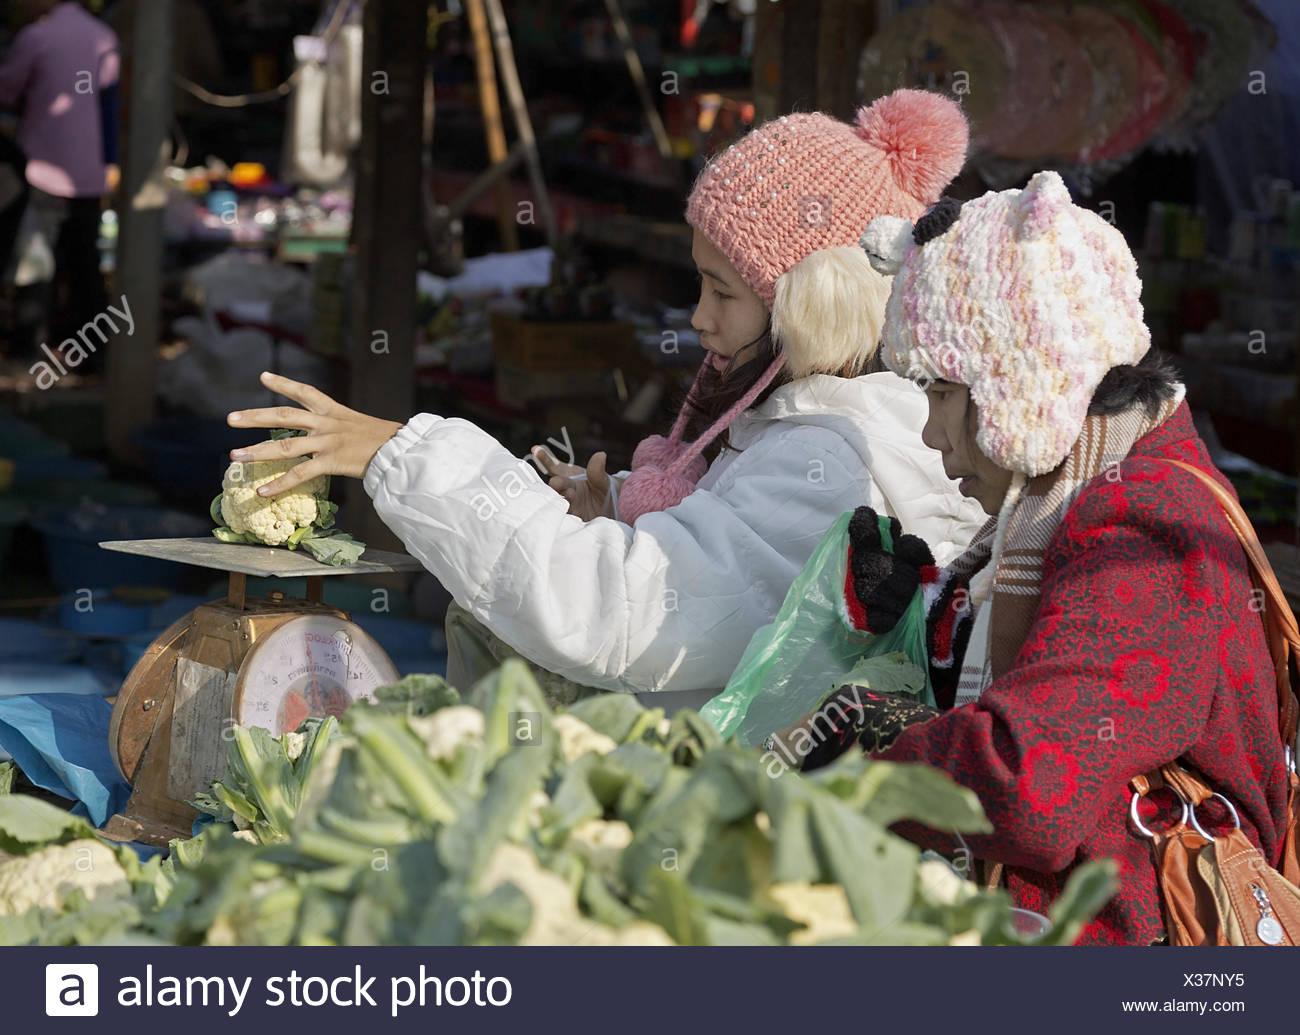 Cauliflower - Stock Image